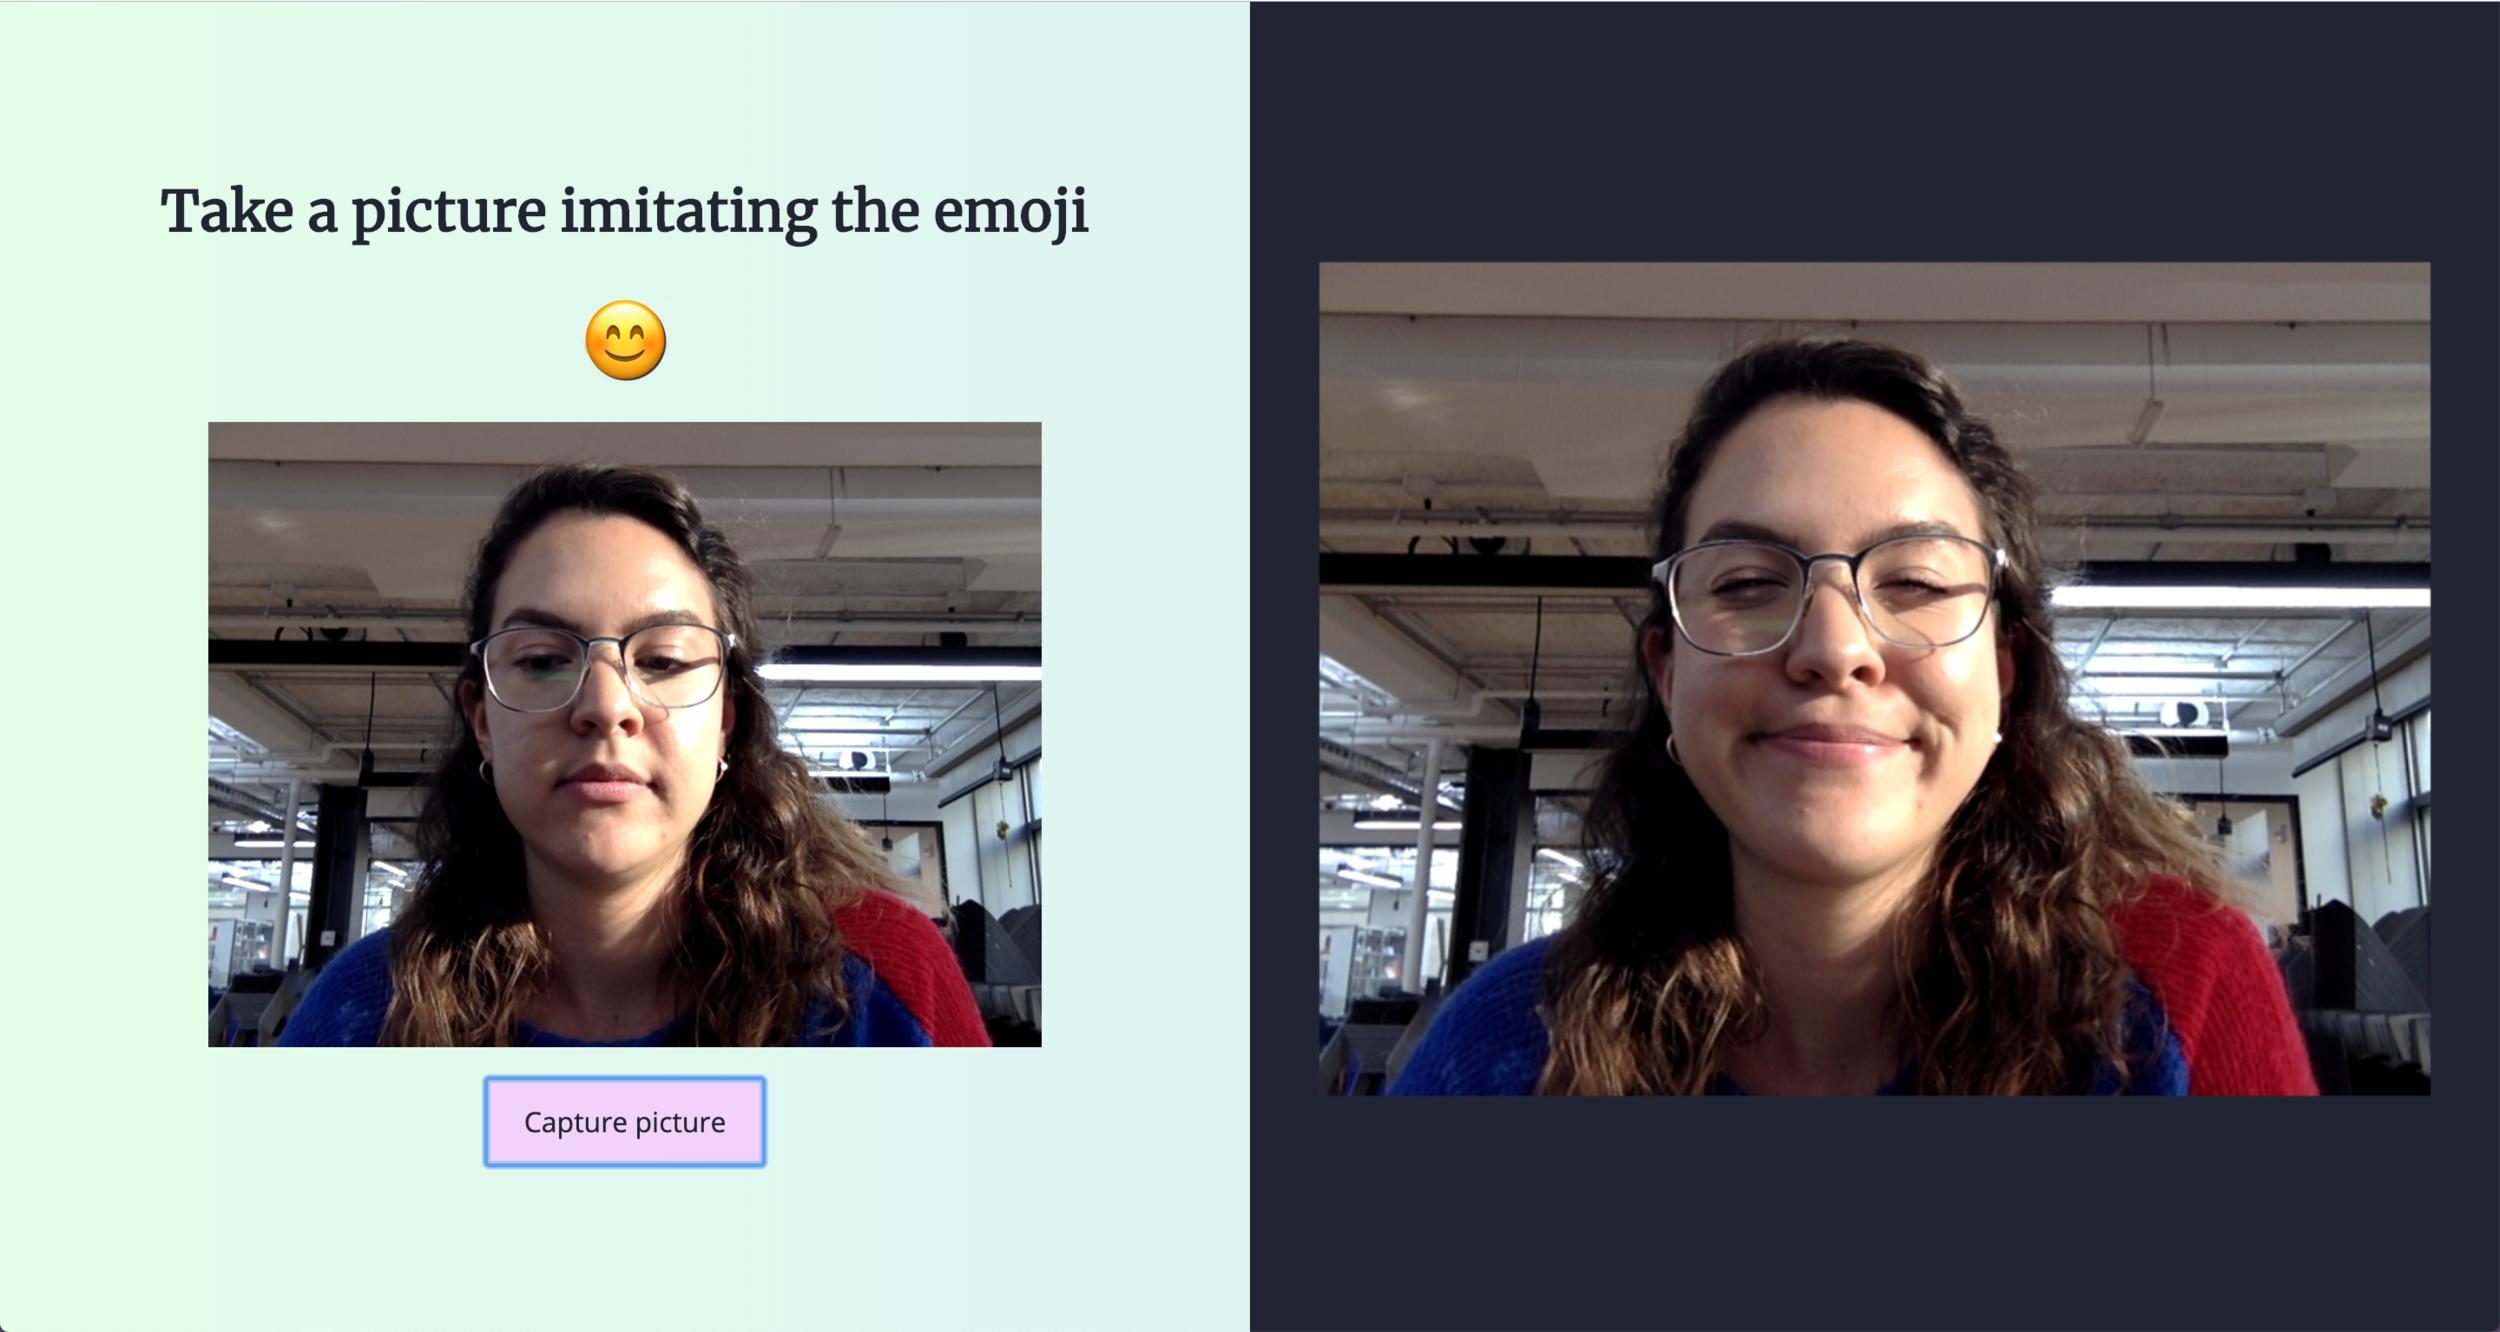 Testing some emoji faces